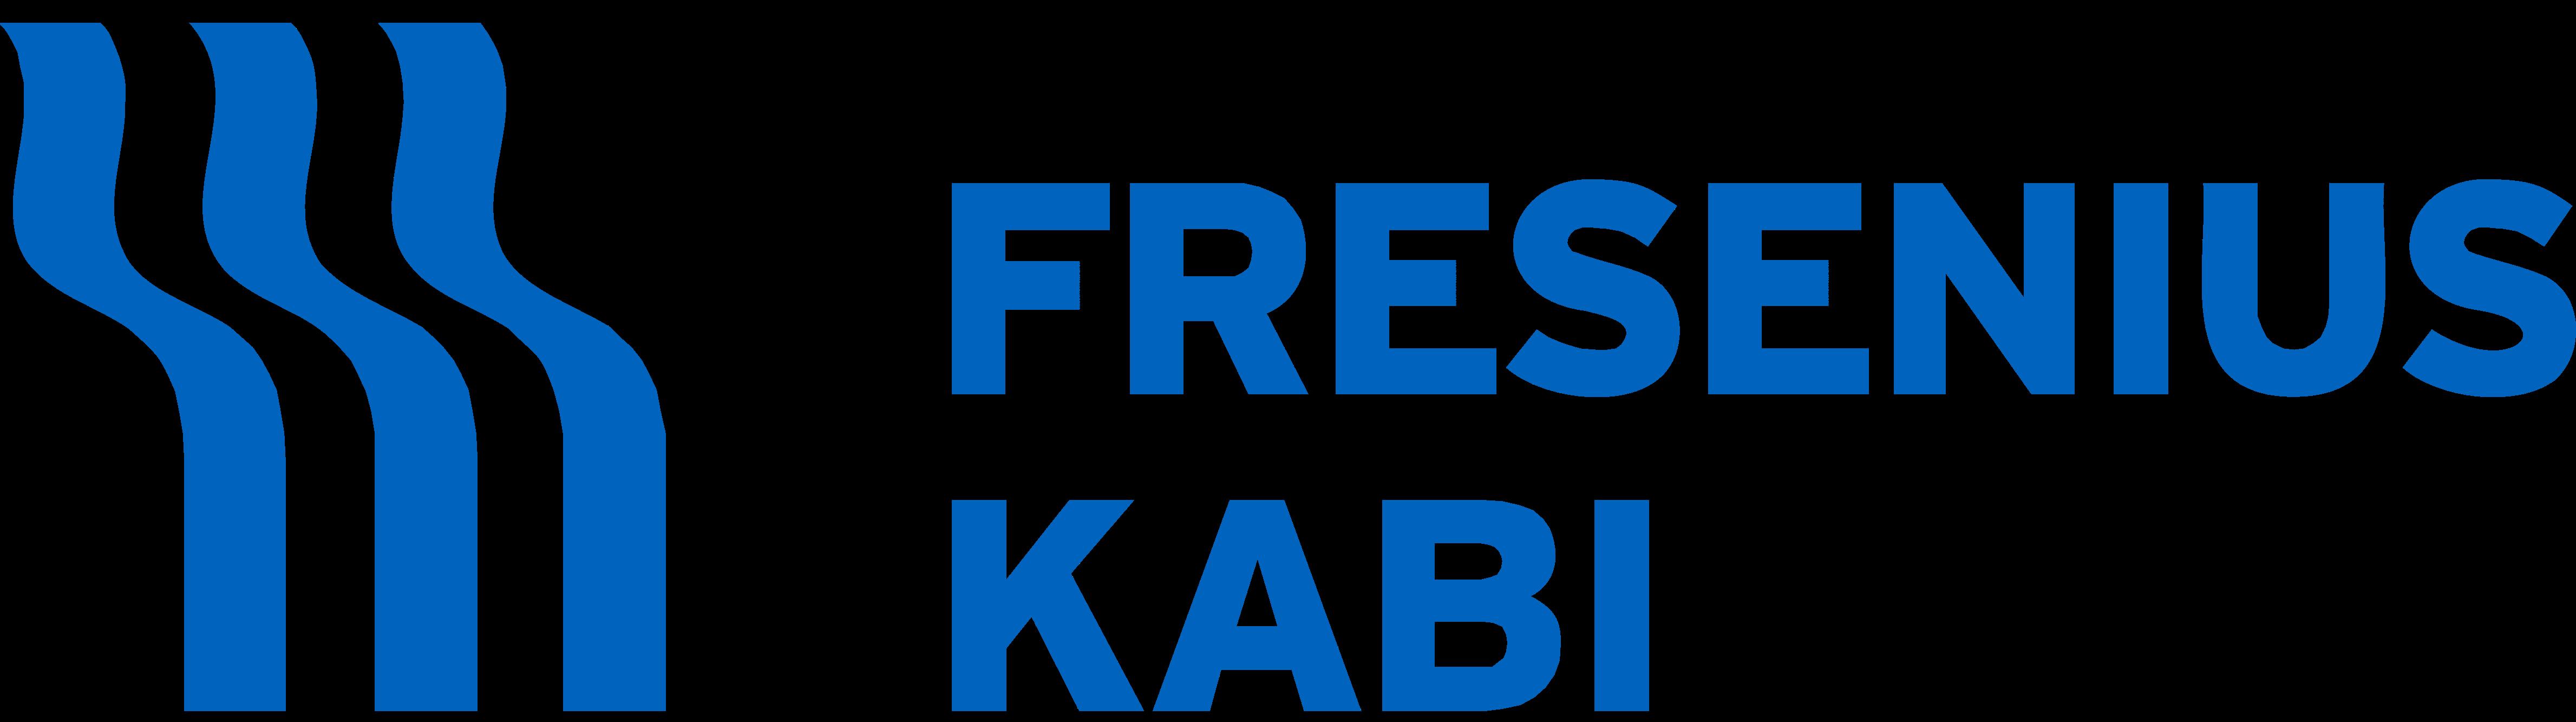 Fresenius Kabi Oncology - Fresenius PNG